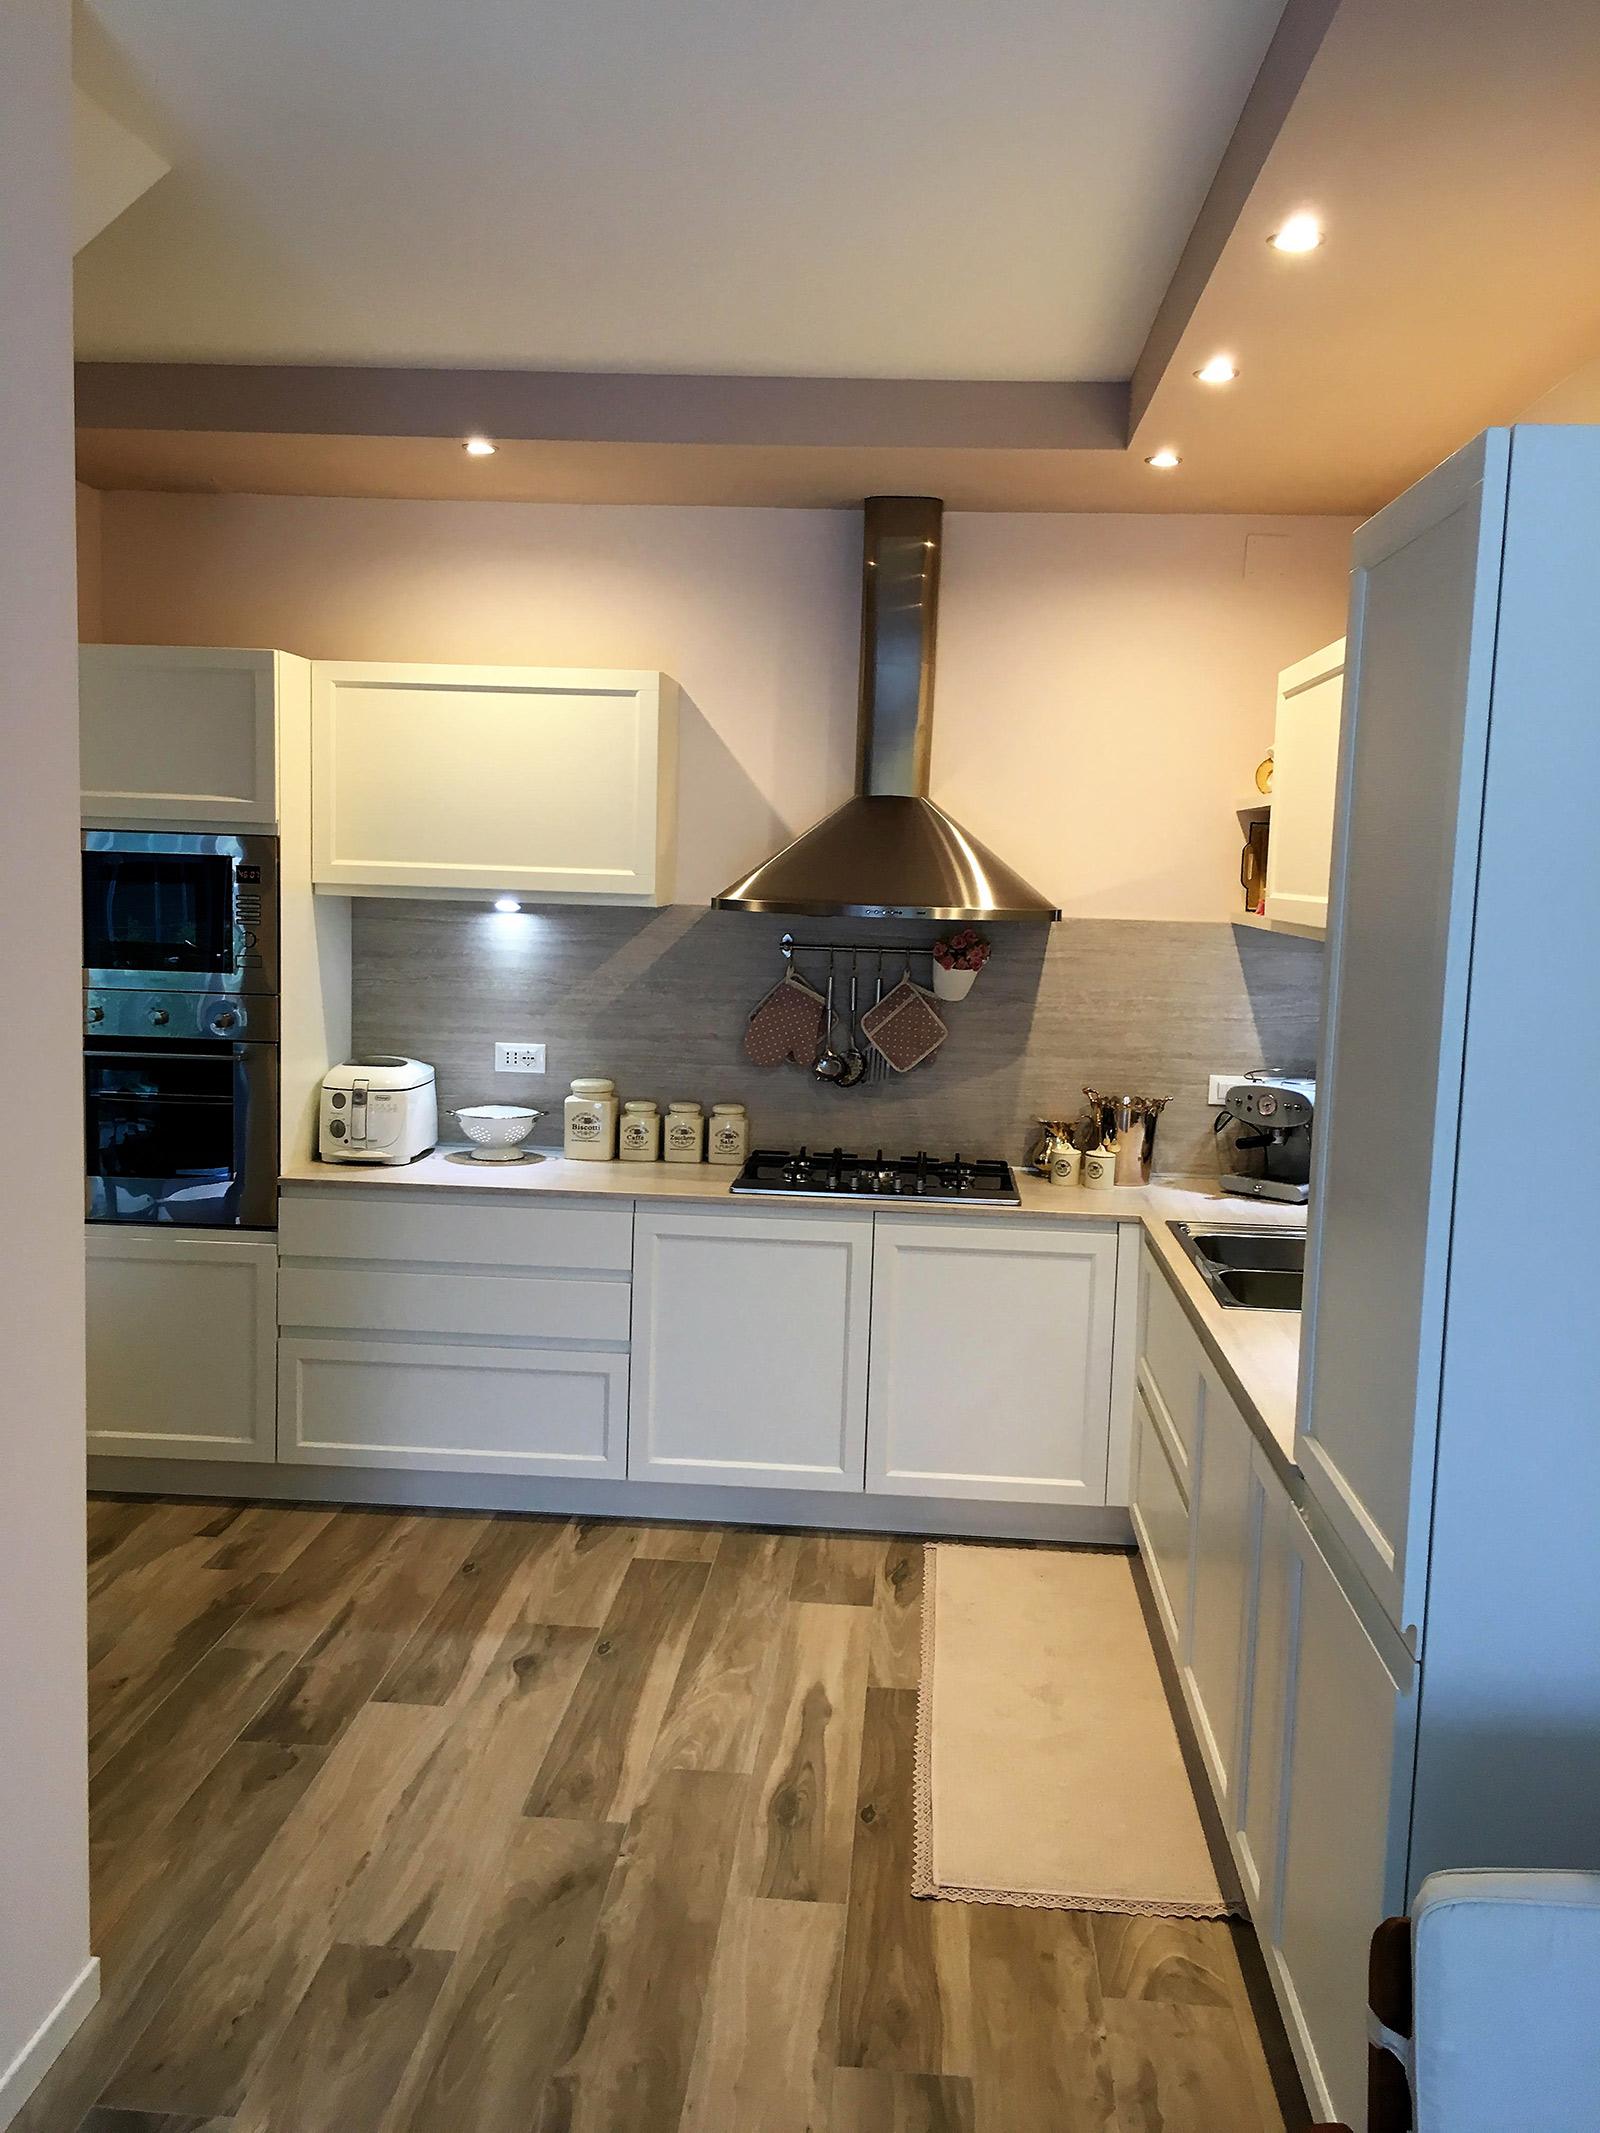 Cucina GD modello Gioiosa in un\'abitazione privata a Trevignano (TV)